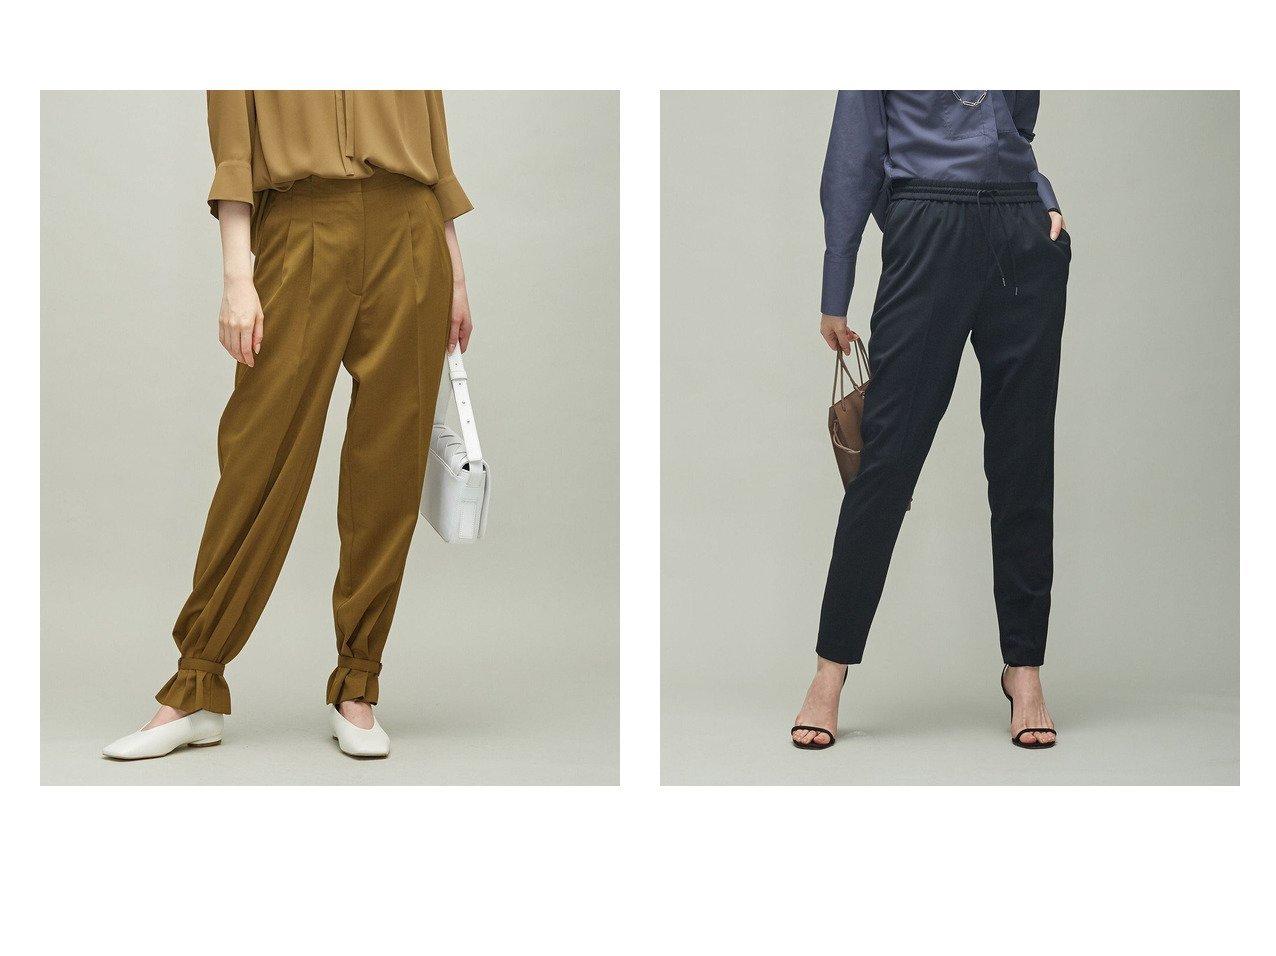 【iCB/アイシービー】のウールストレッチ 2WAYベルテッドヘムパンツ&ウールストレッチ ドロストパンツ 【パンツ】おすすめ!人気、トレンド・レディースファッションの通販 おすすめで人気の流行・トレンド、ファッションの通販商品 インテリア・家具・メンズファッション・キッズファッション・レディースファッション・服の通販 founy(ファニー) https://founy.com/ ファッション Fashion レディースファッション WOMEN パンツ Pants 洗える ジャケット ストレッチ ダブル ツイル ドレープ A/W・秋冬 AW・Autumn/Winter・FW・Fall-Winter 2021年 2021 2021-2022秋冬・A/W AW・Autumn/Winter・FW・Fall-Winter・2021-2022 送料無料 Free Shipping おすすめ Recommend スニーカー セットアップ |ID:crp329100000062624